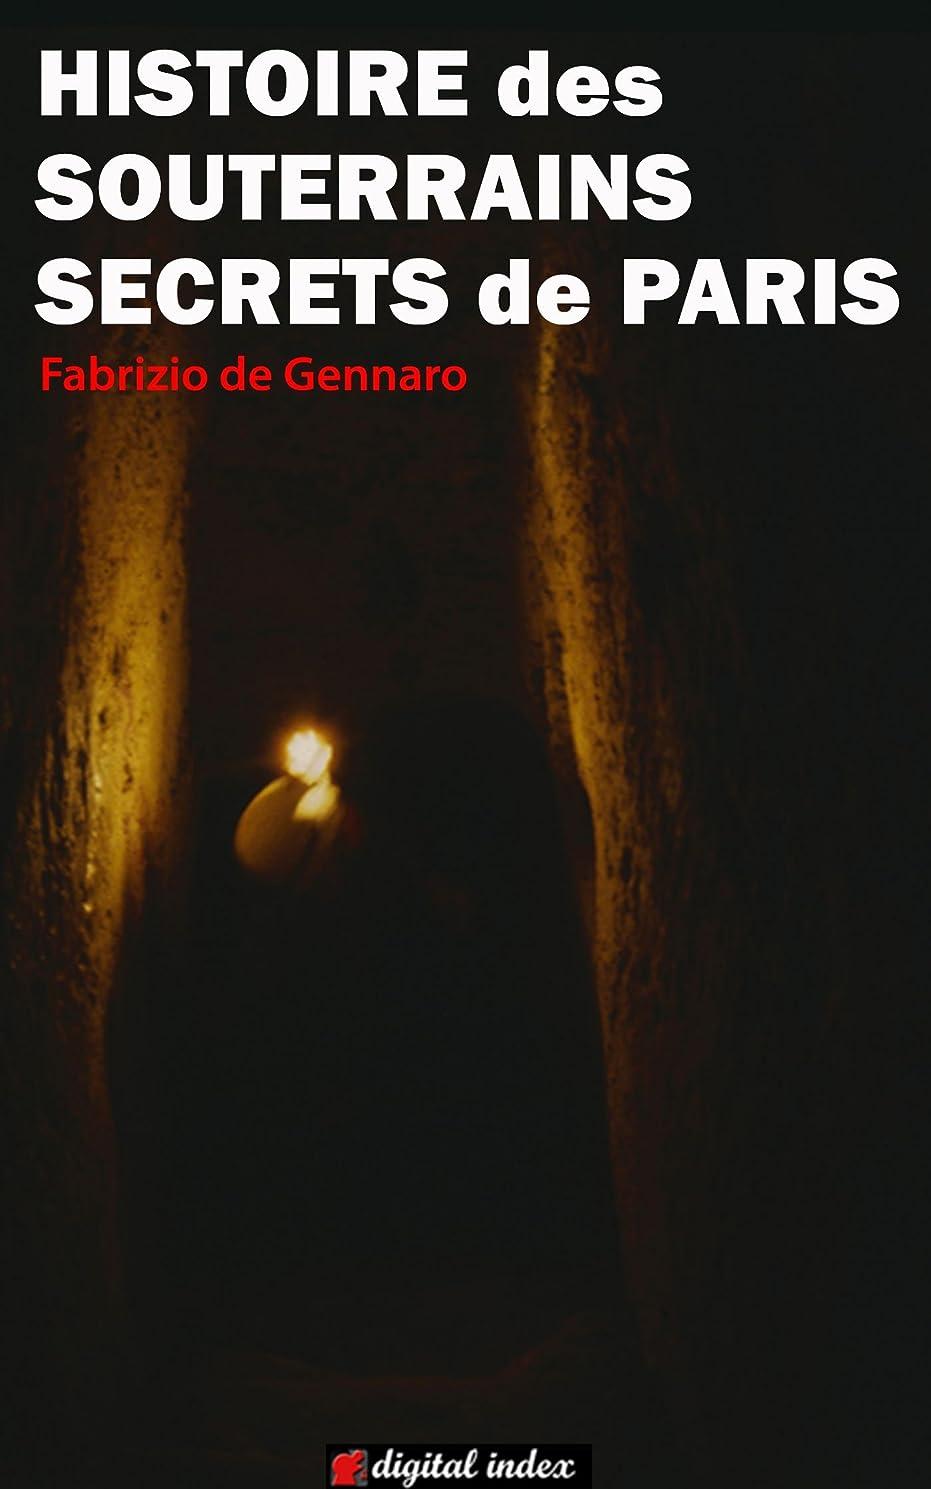 教育から路地Histoire des souterrains secrets de Paris (Voyages et Aventures) (French Edition)